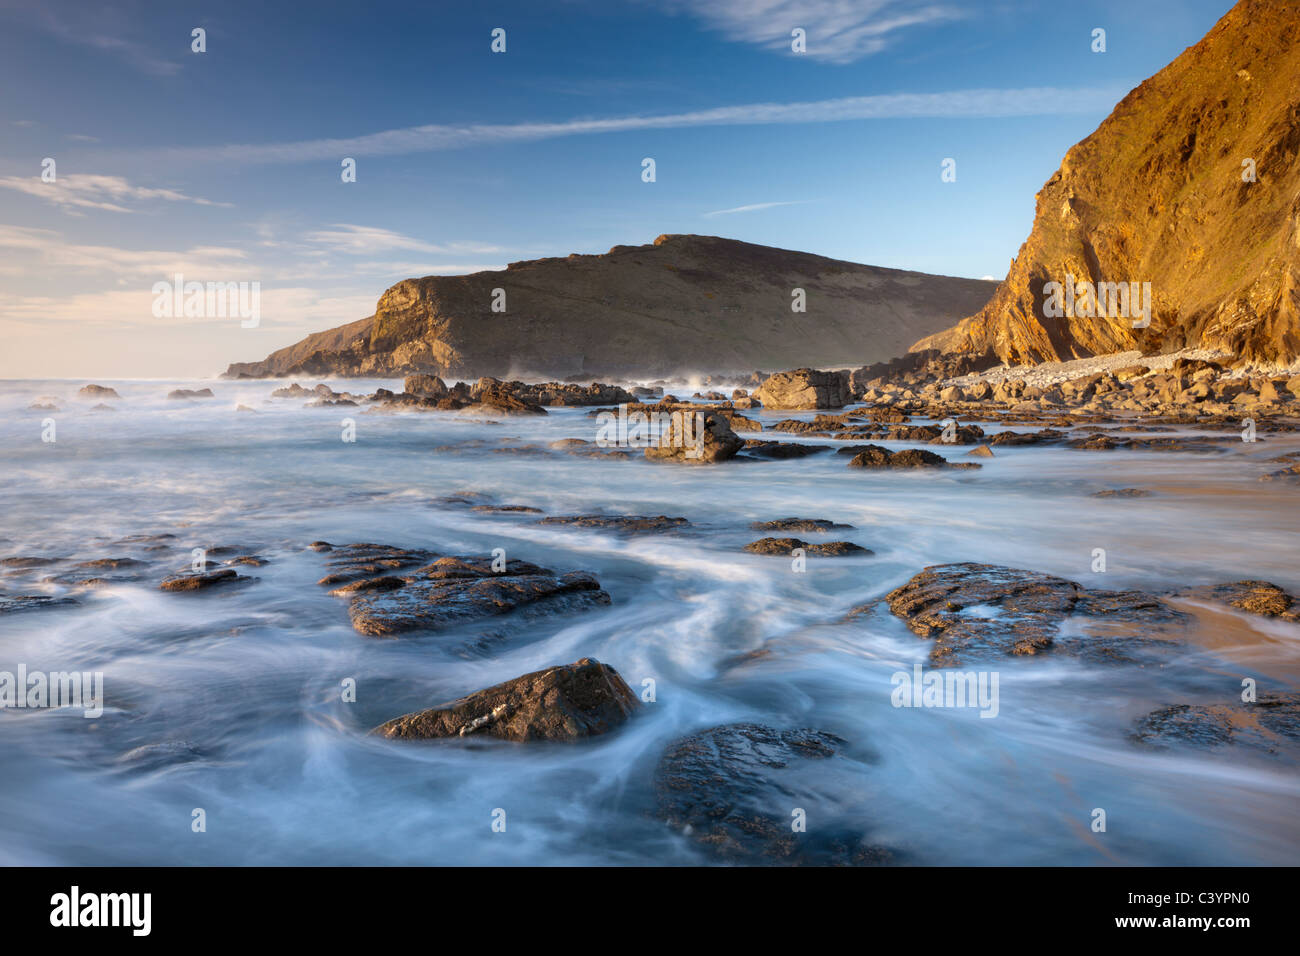 Marea Alta inunda las repisas rocosas de Duckpool beach, en la costa norte de Cornualles, Cornualles, Inglaterra. Imagen De Stock